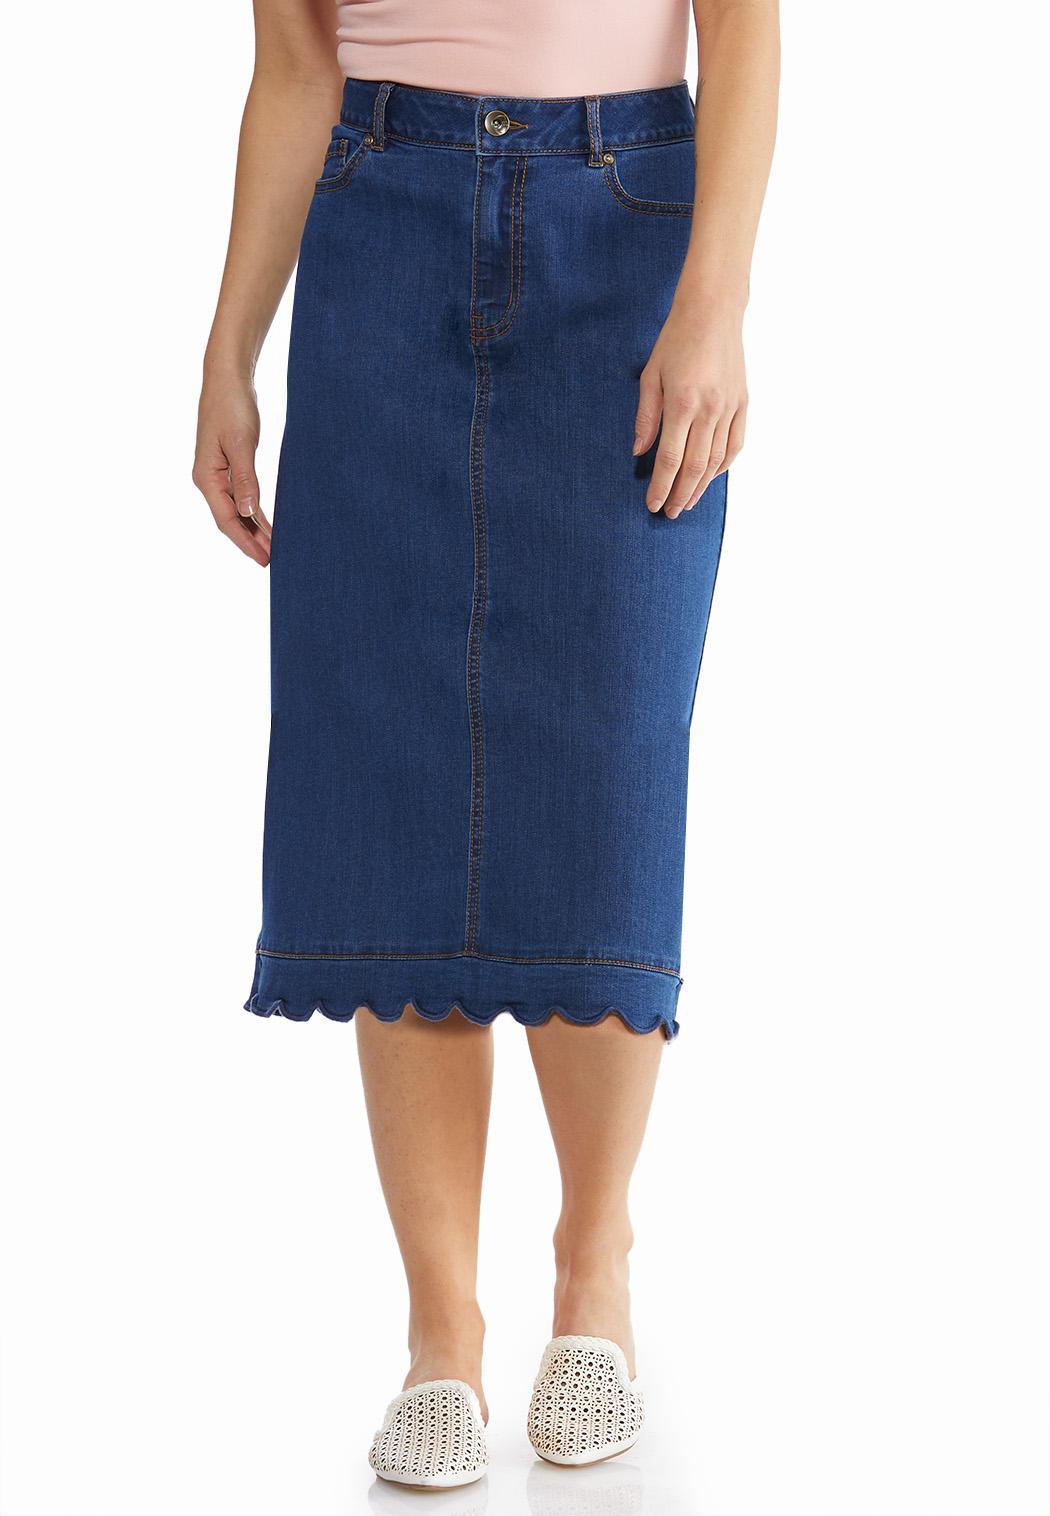 Plus Size Scalloped Denim Skirt